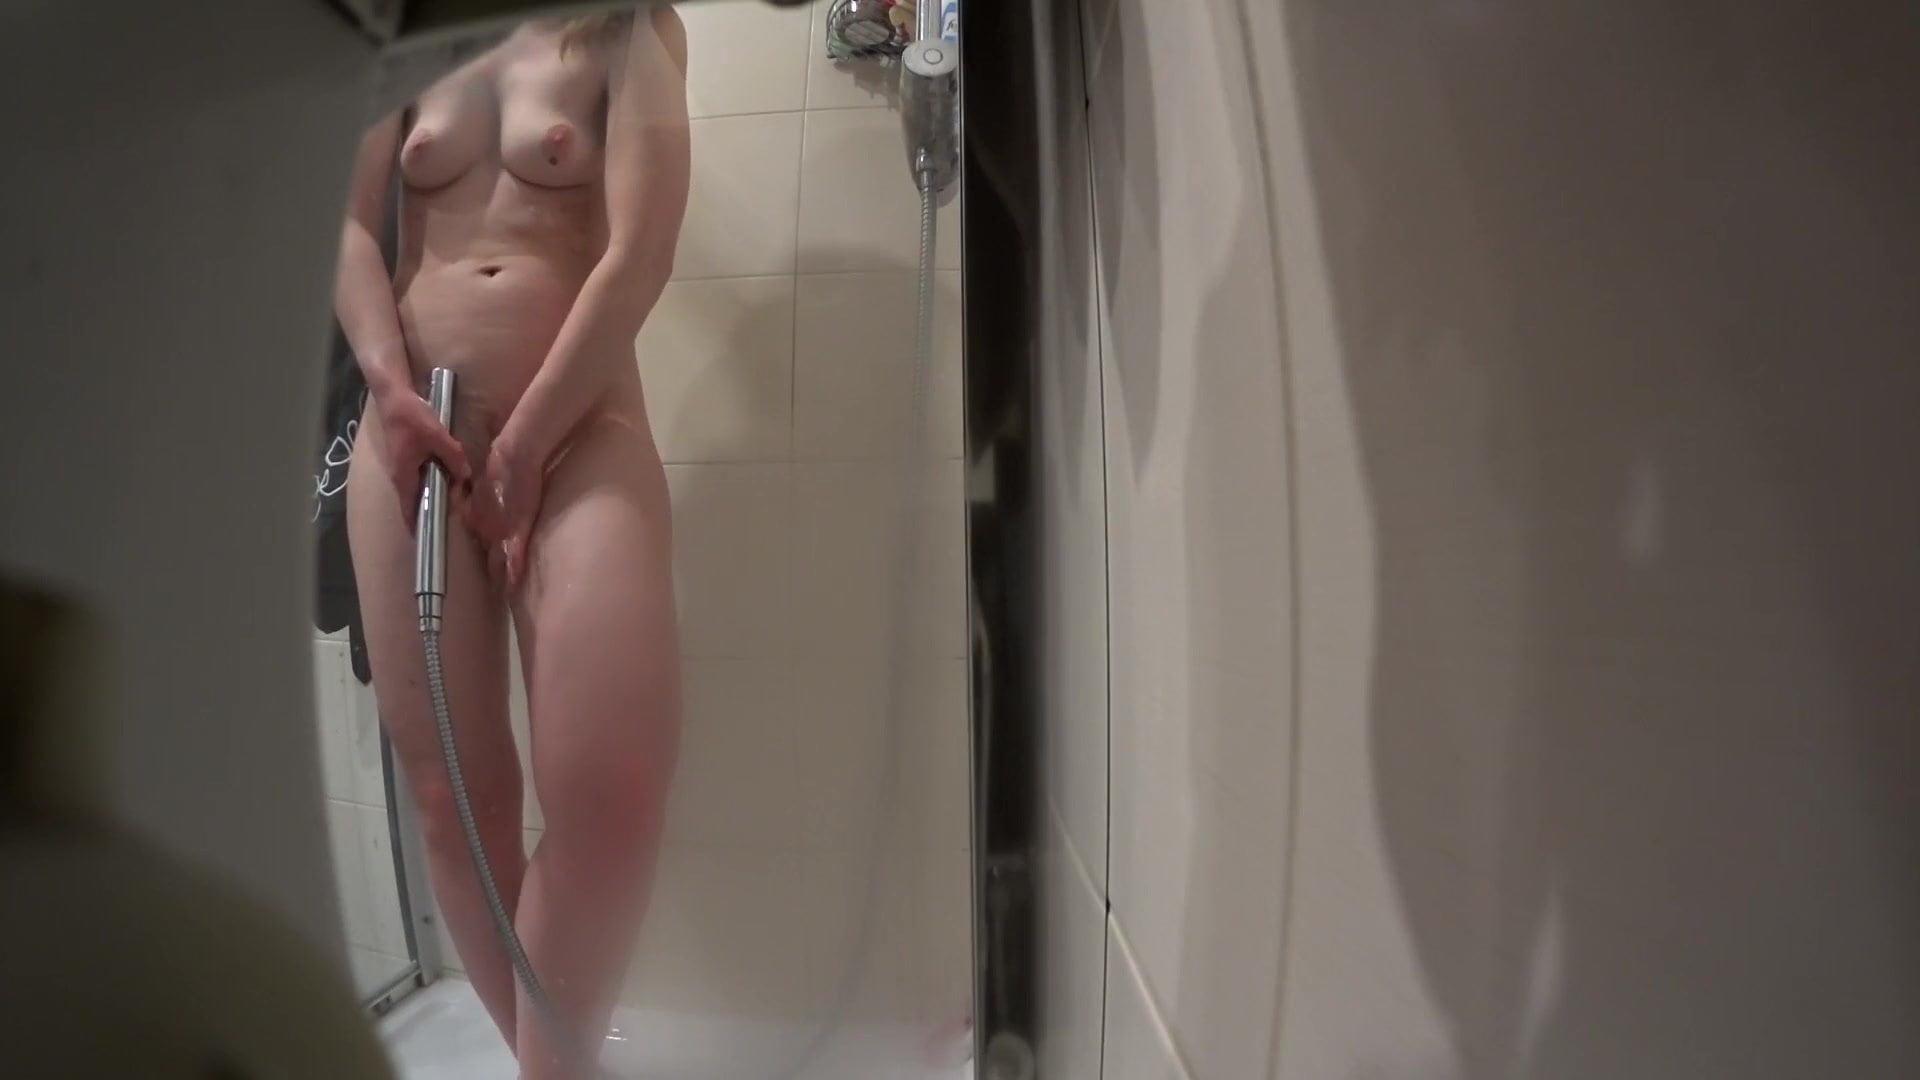 Voyeur Big Tits Shower Pics